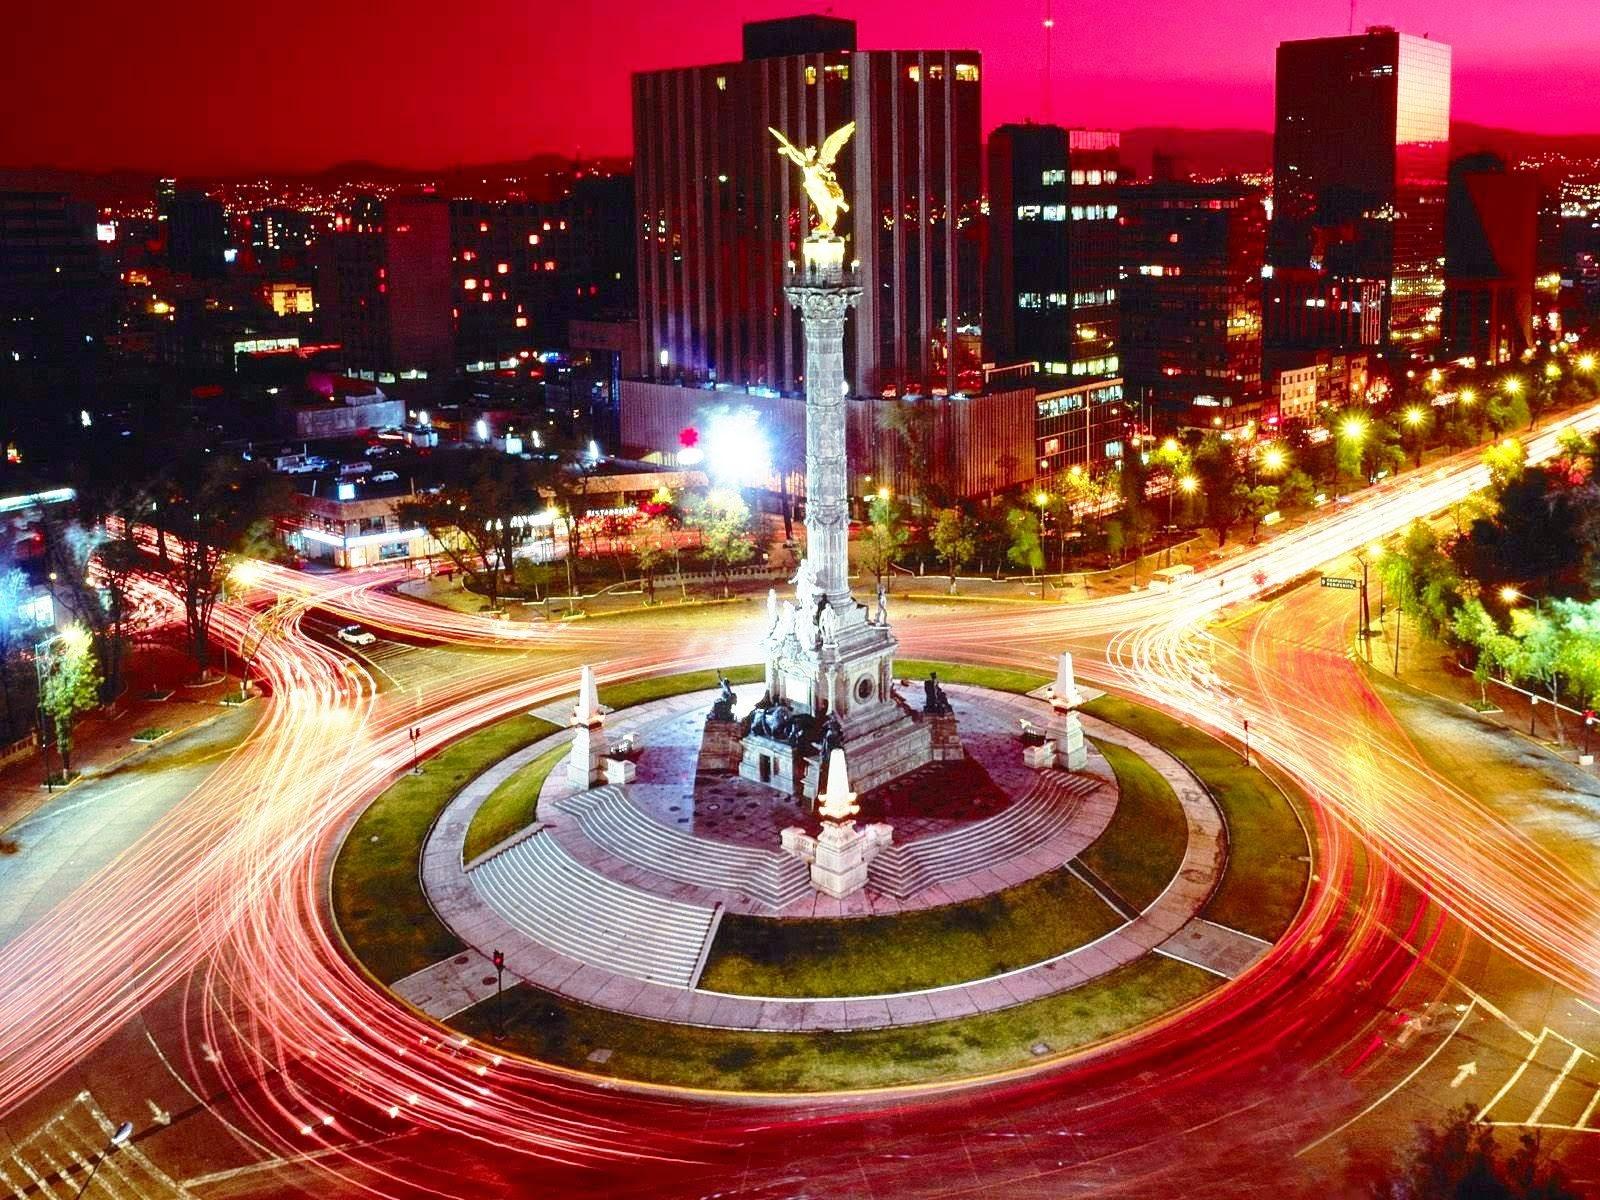 Fondos De Pantalla Ciudad: Fondos De Pantalla De Ciudades En HD